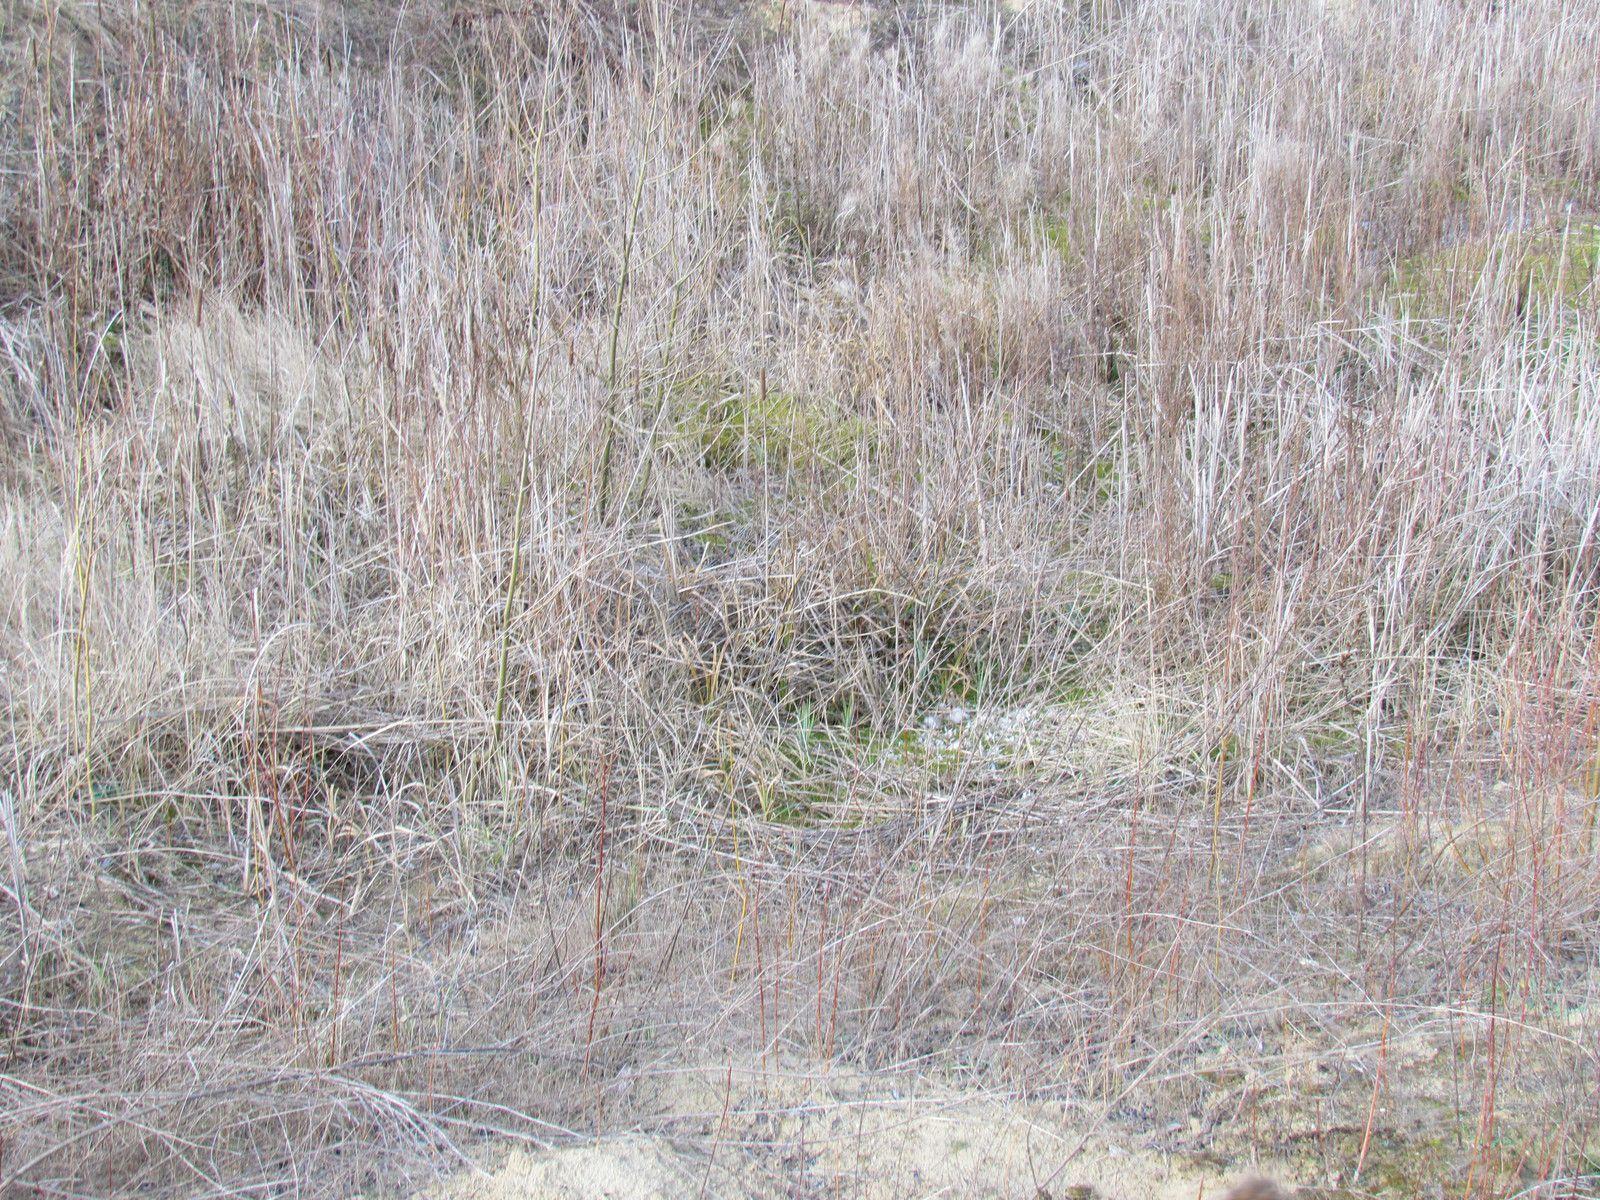 Les mares à batraciens sèches de la Base de Loisirs de Vaires